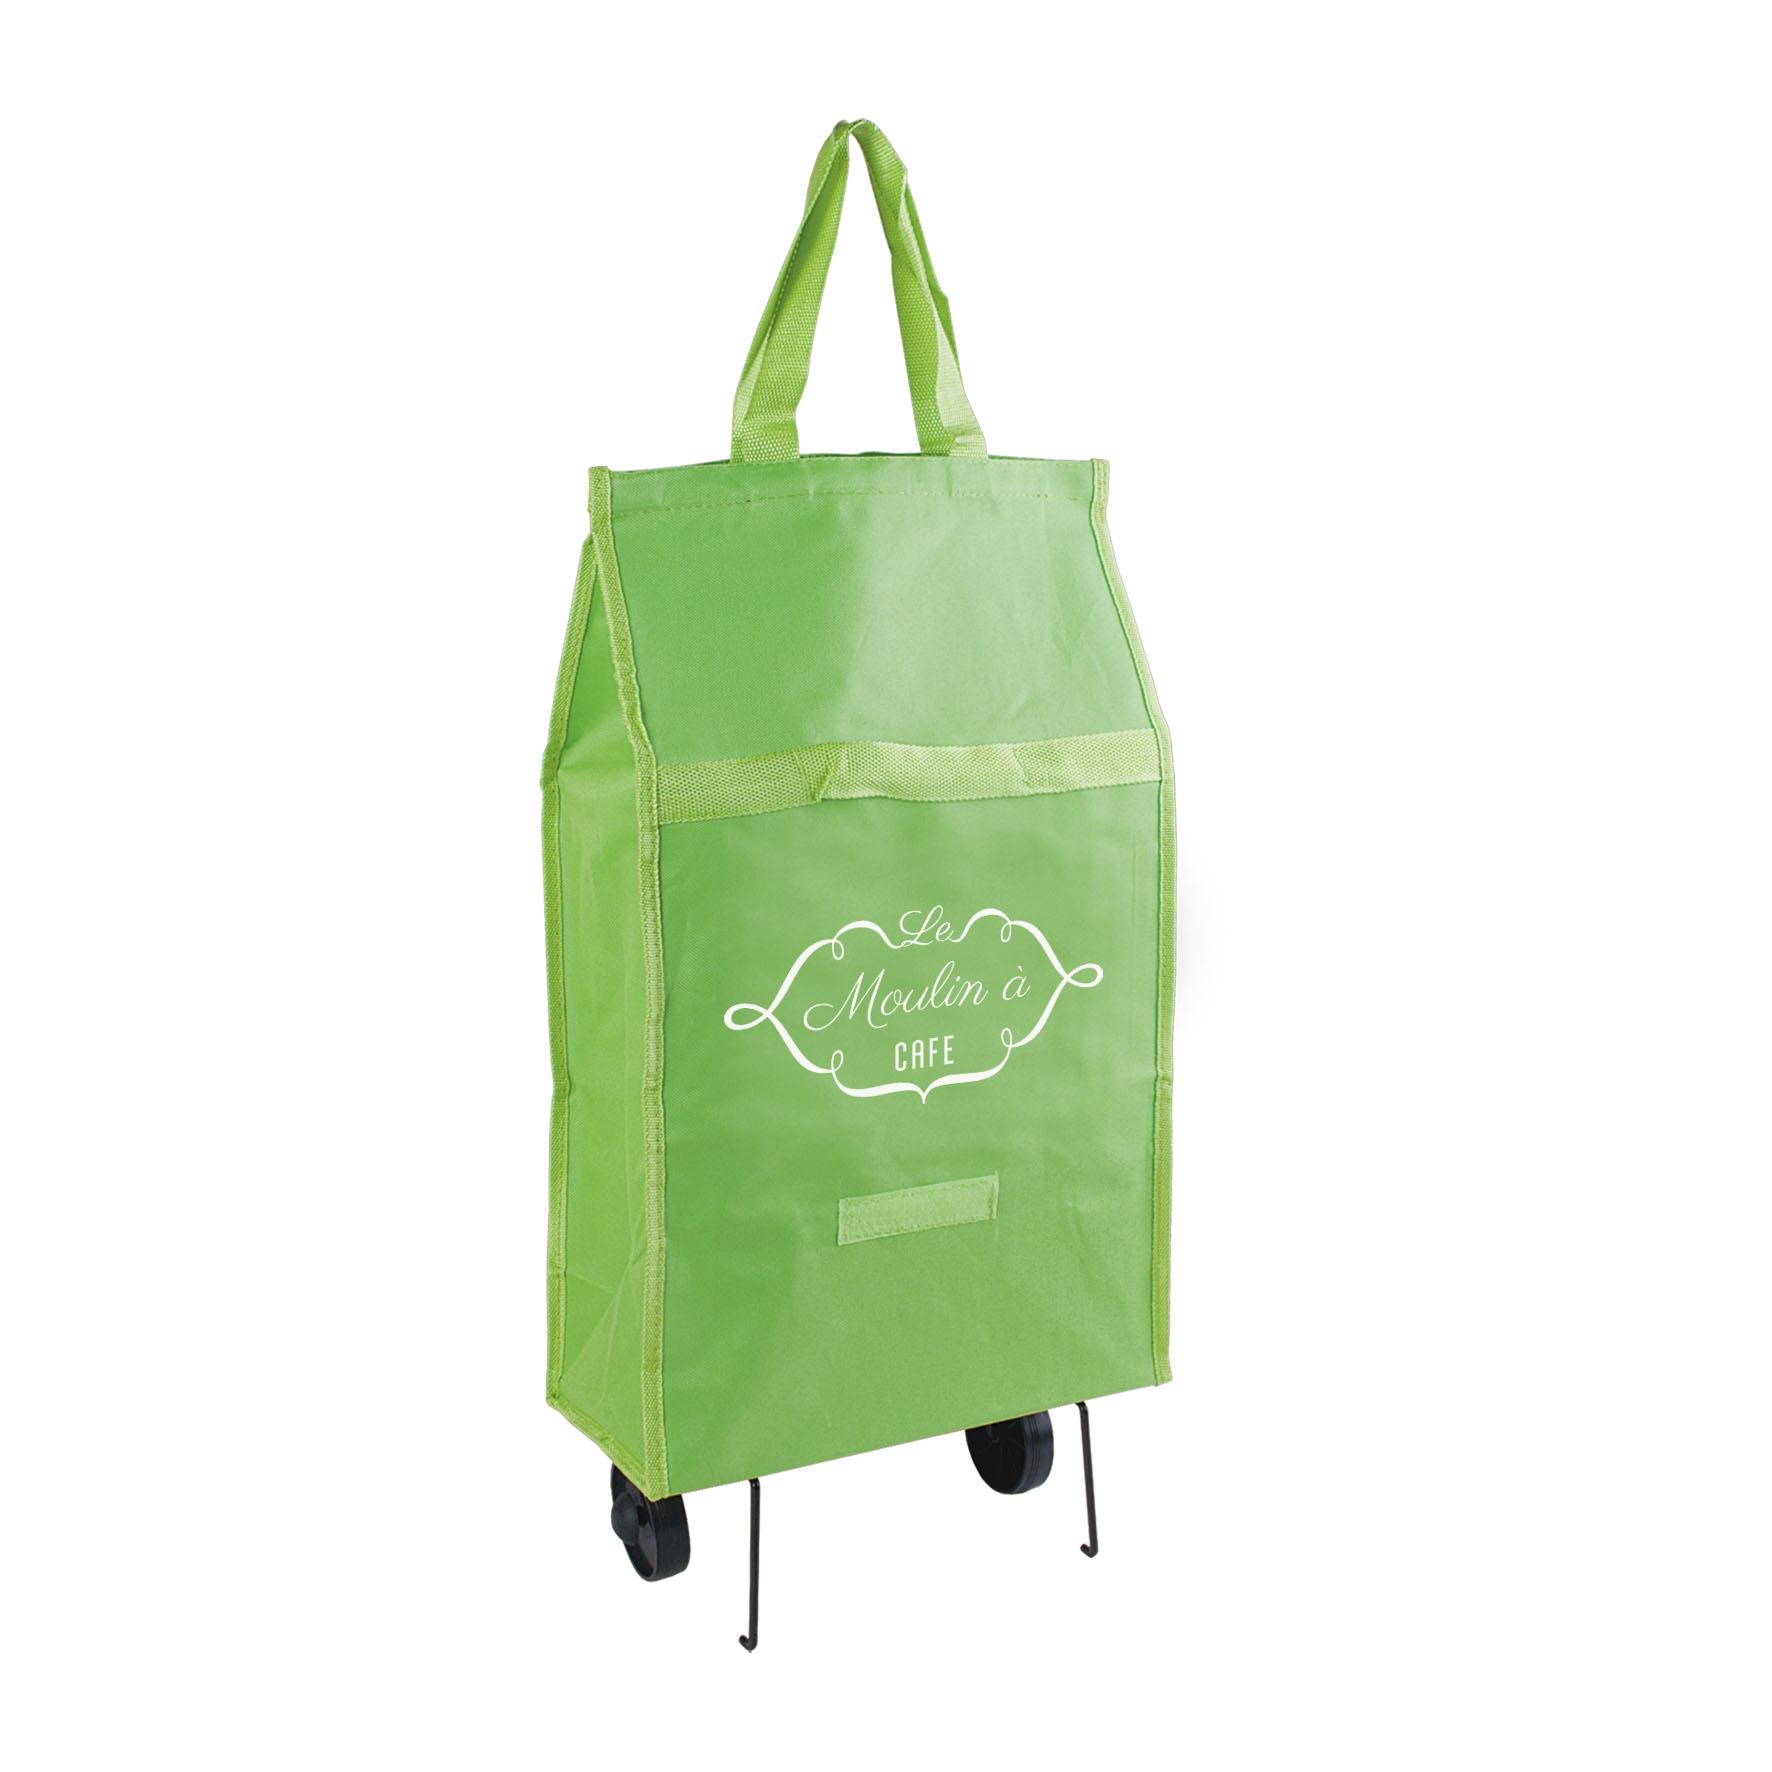 Sac shopping publicitaire - Chariot caddie publicitaire à roulettes - vert